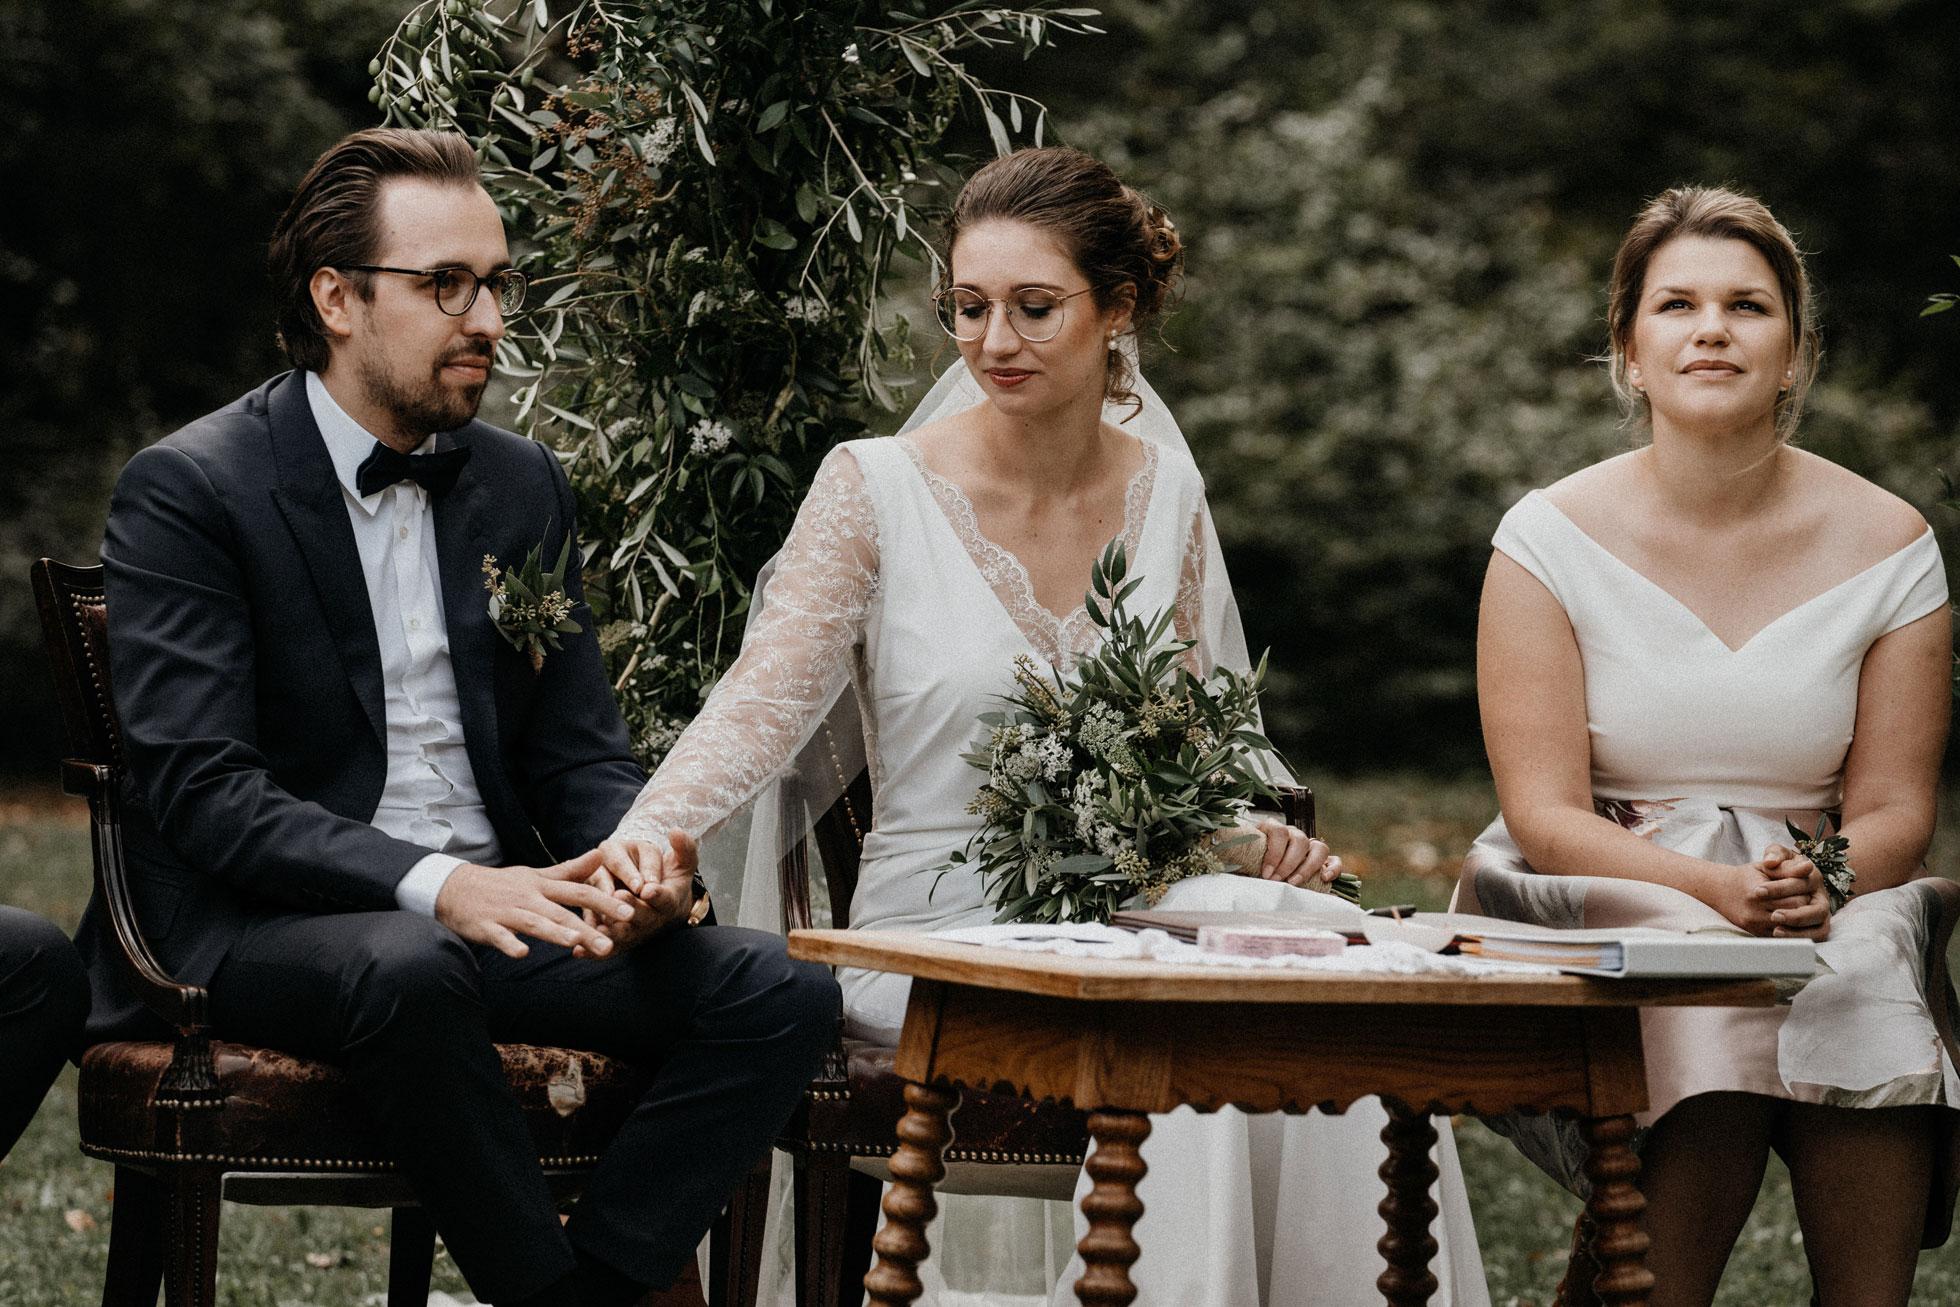 Hochzeit_Claire_Manuel_Villa_Maund_Daniel_Jenny-156.jpg